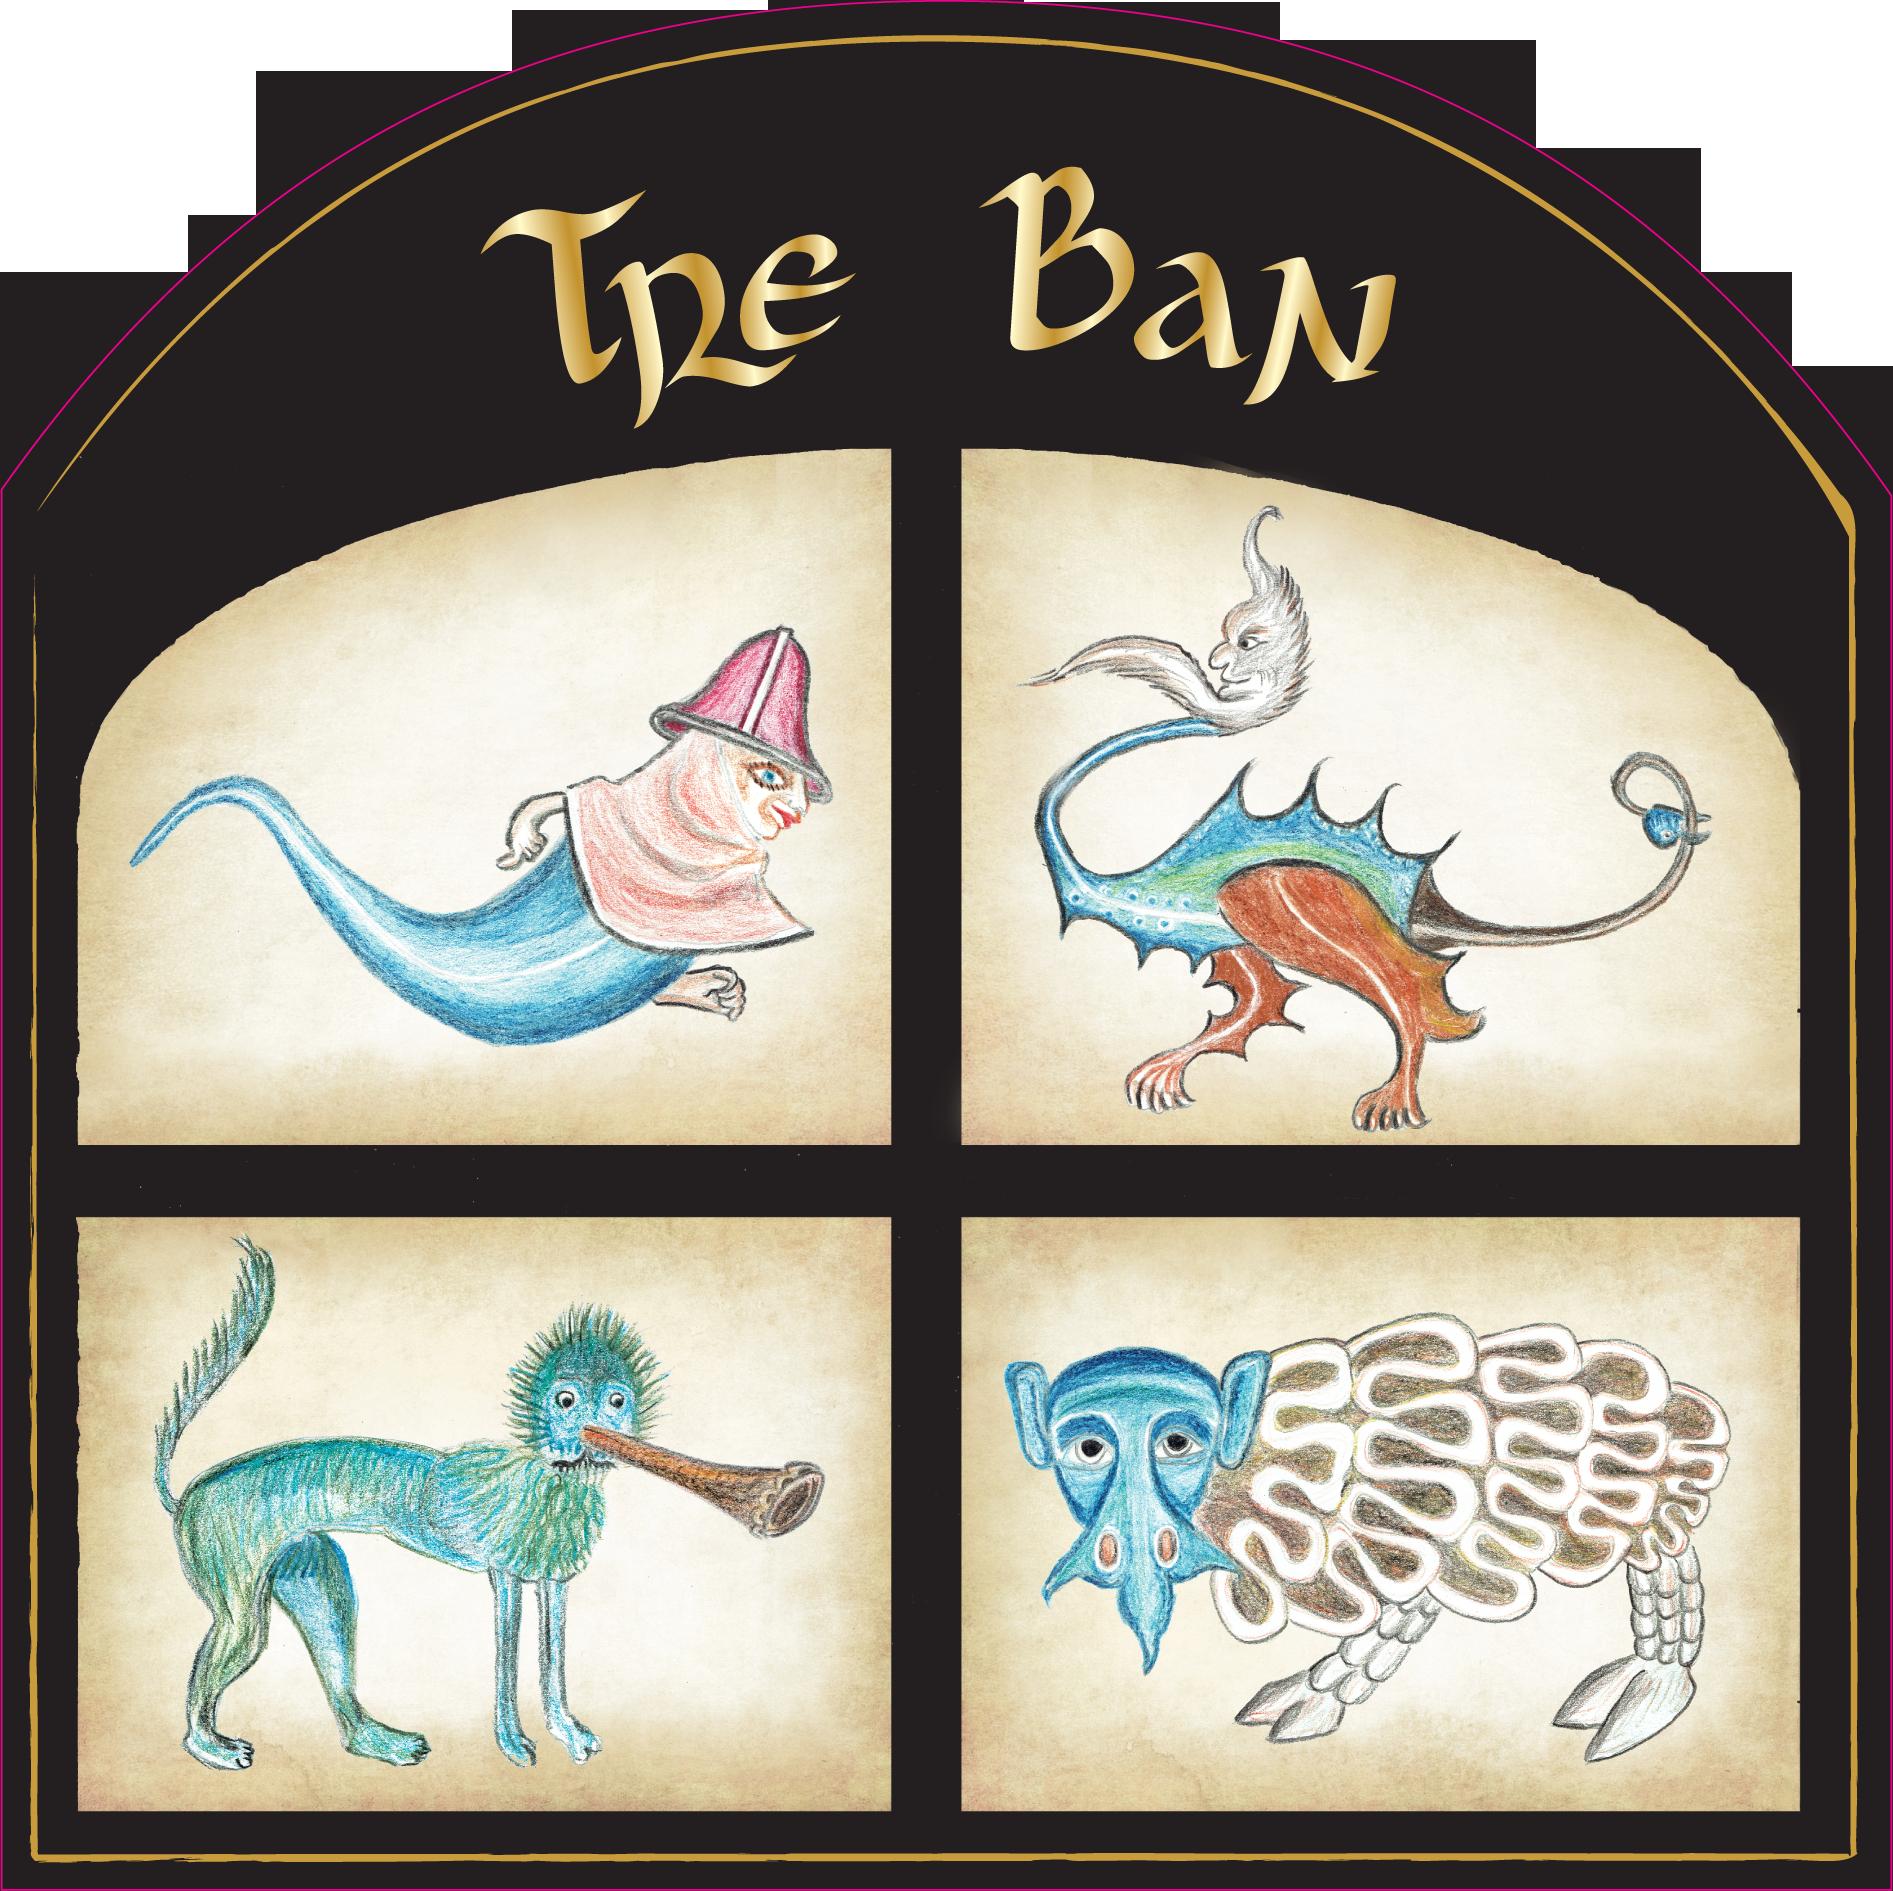 Tre Ban